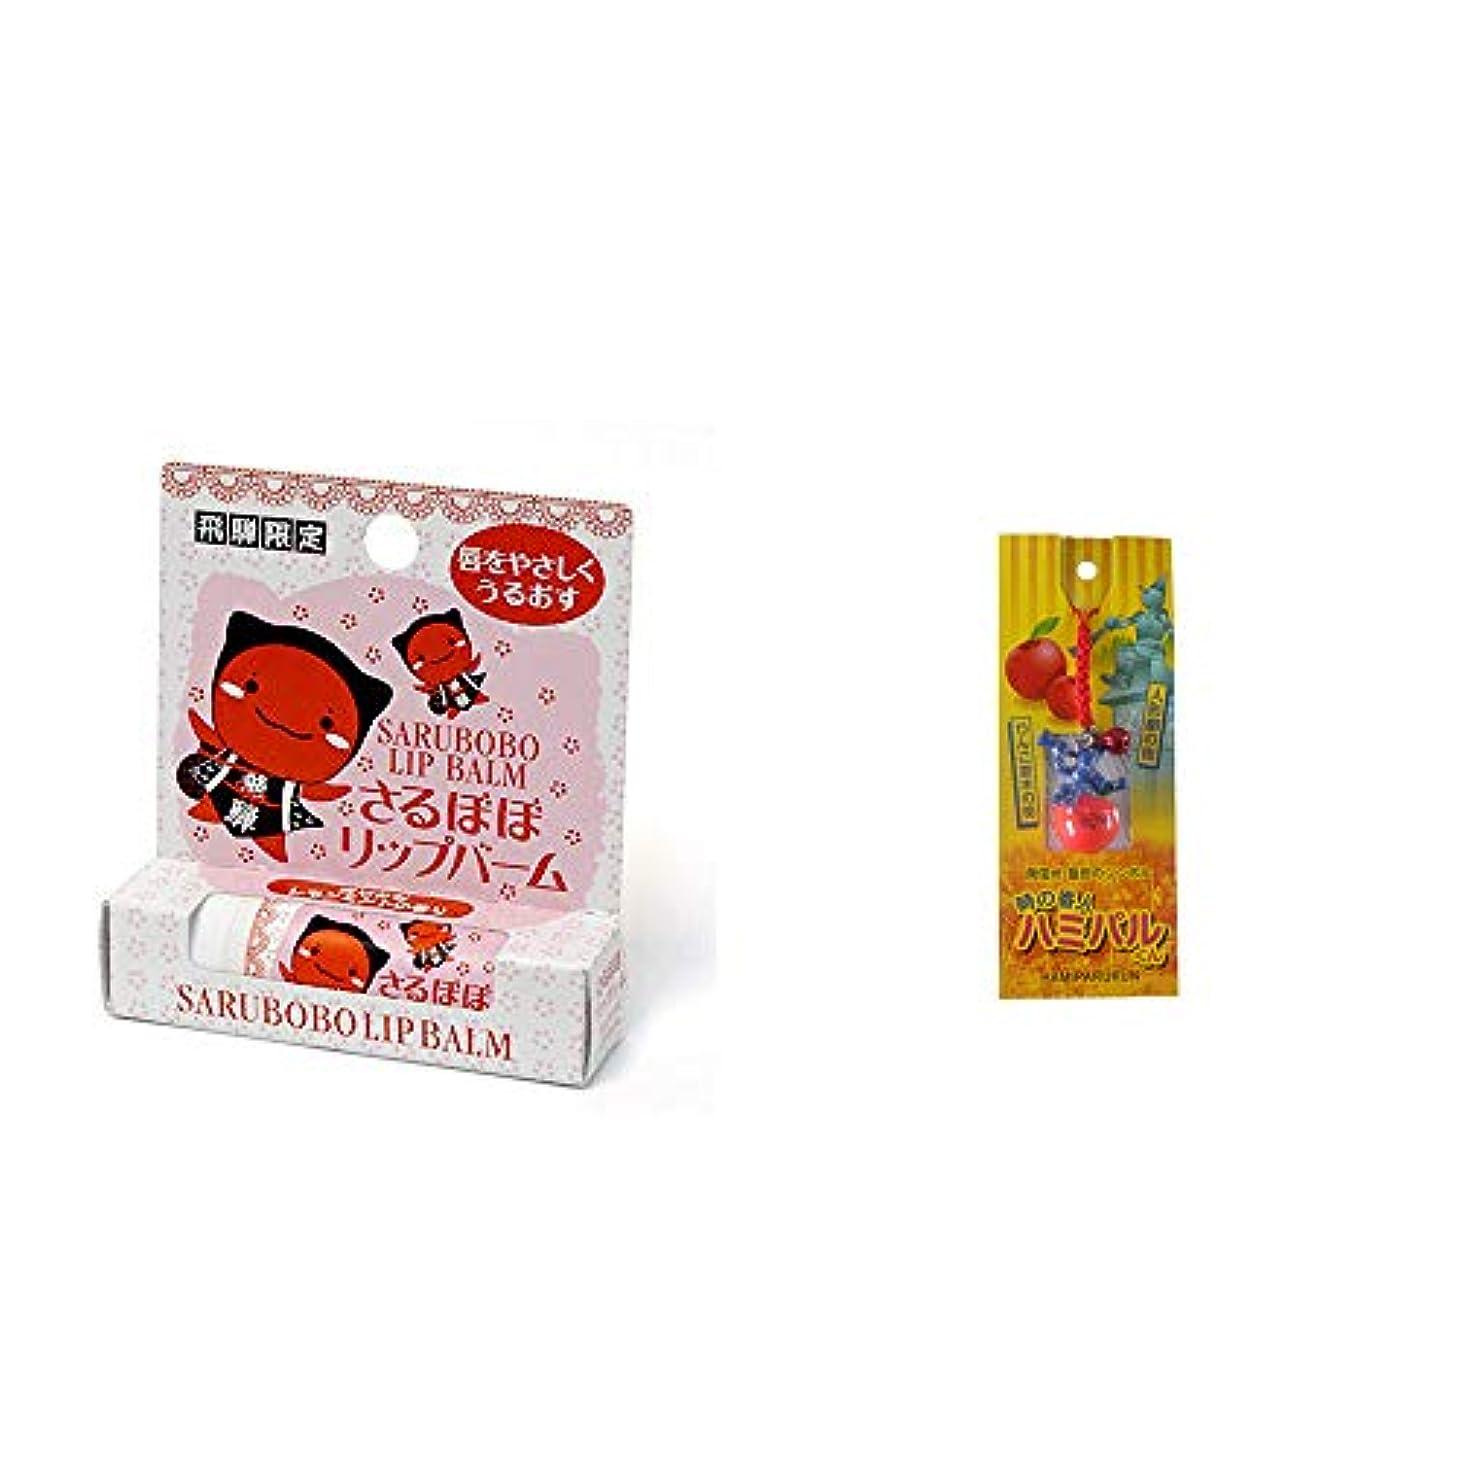 [2点セット] さるぼぼ リップバーム(4g) ?信州?飯田のシンボル 時の番人ハミパルくんストラップ